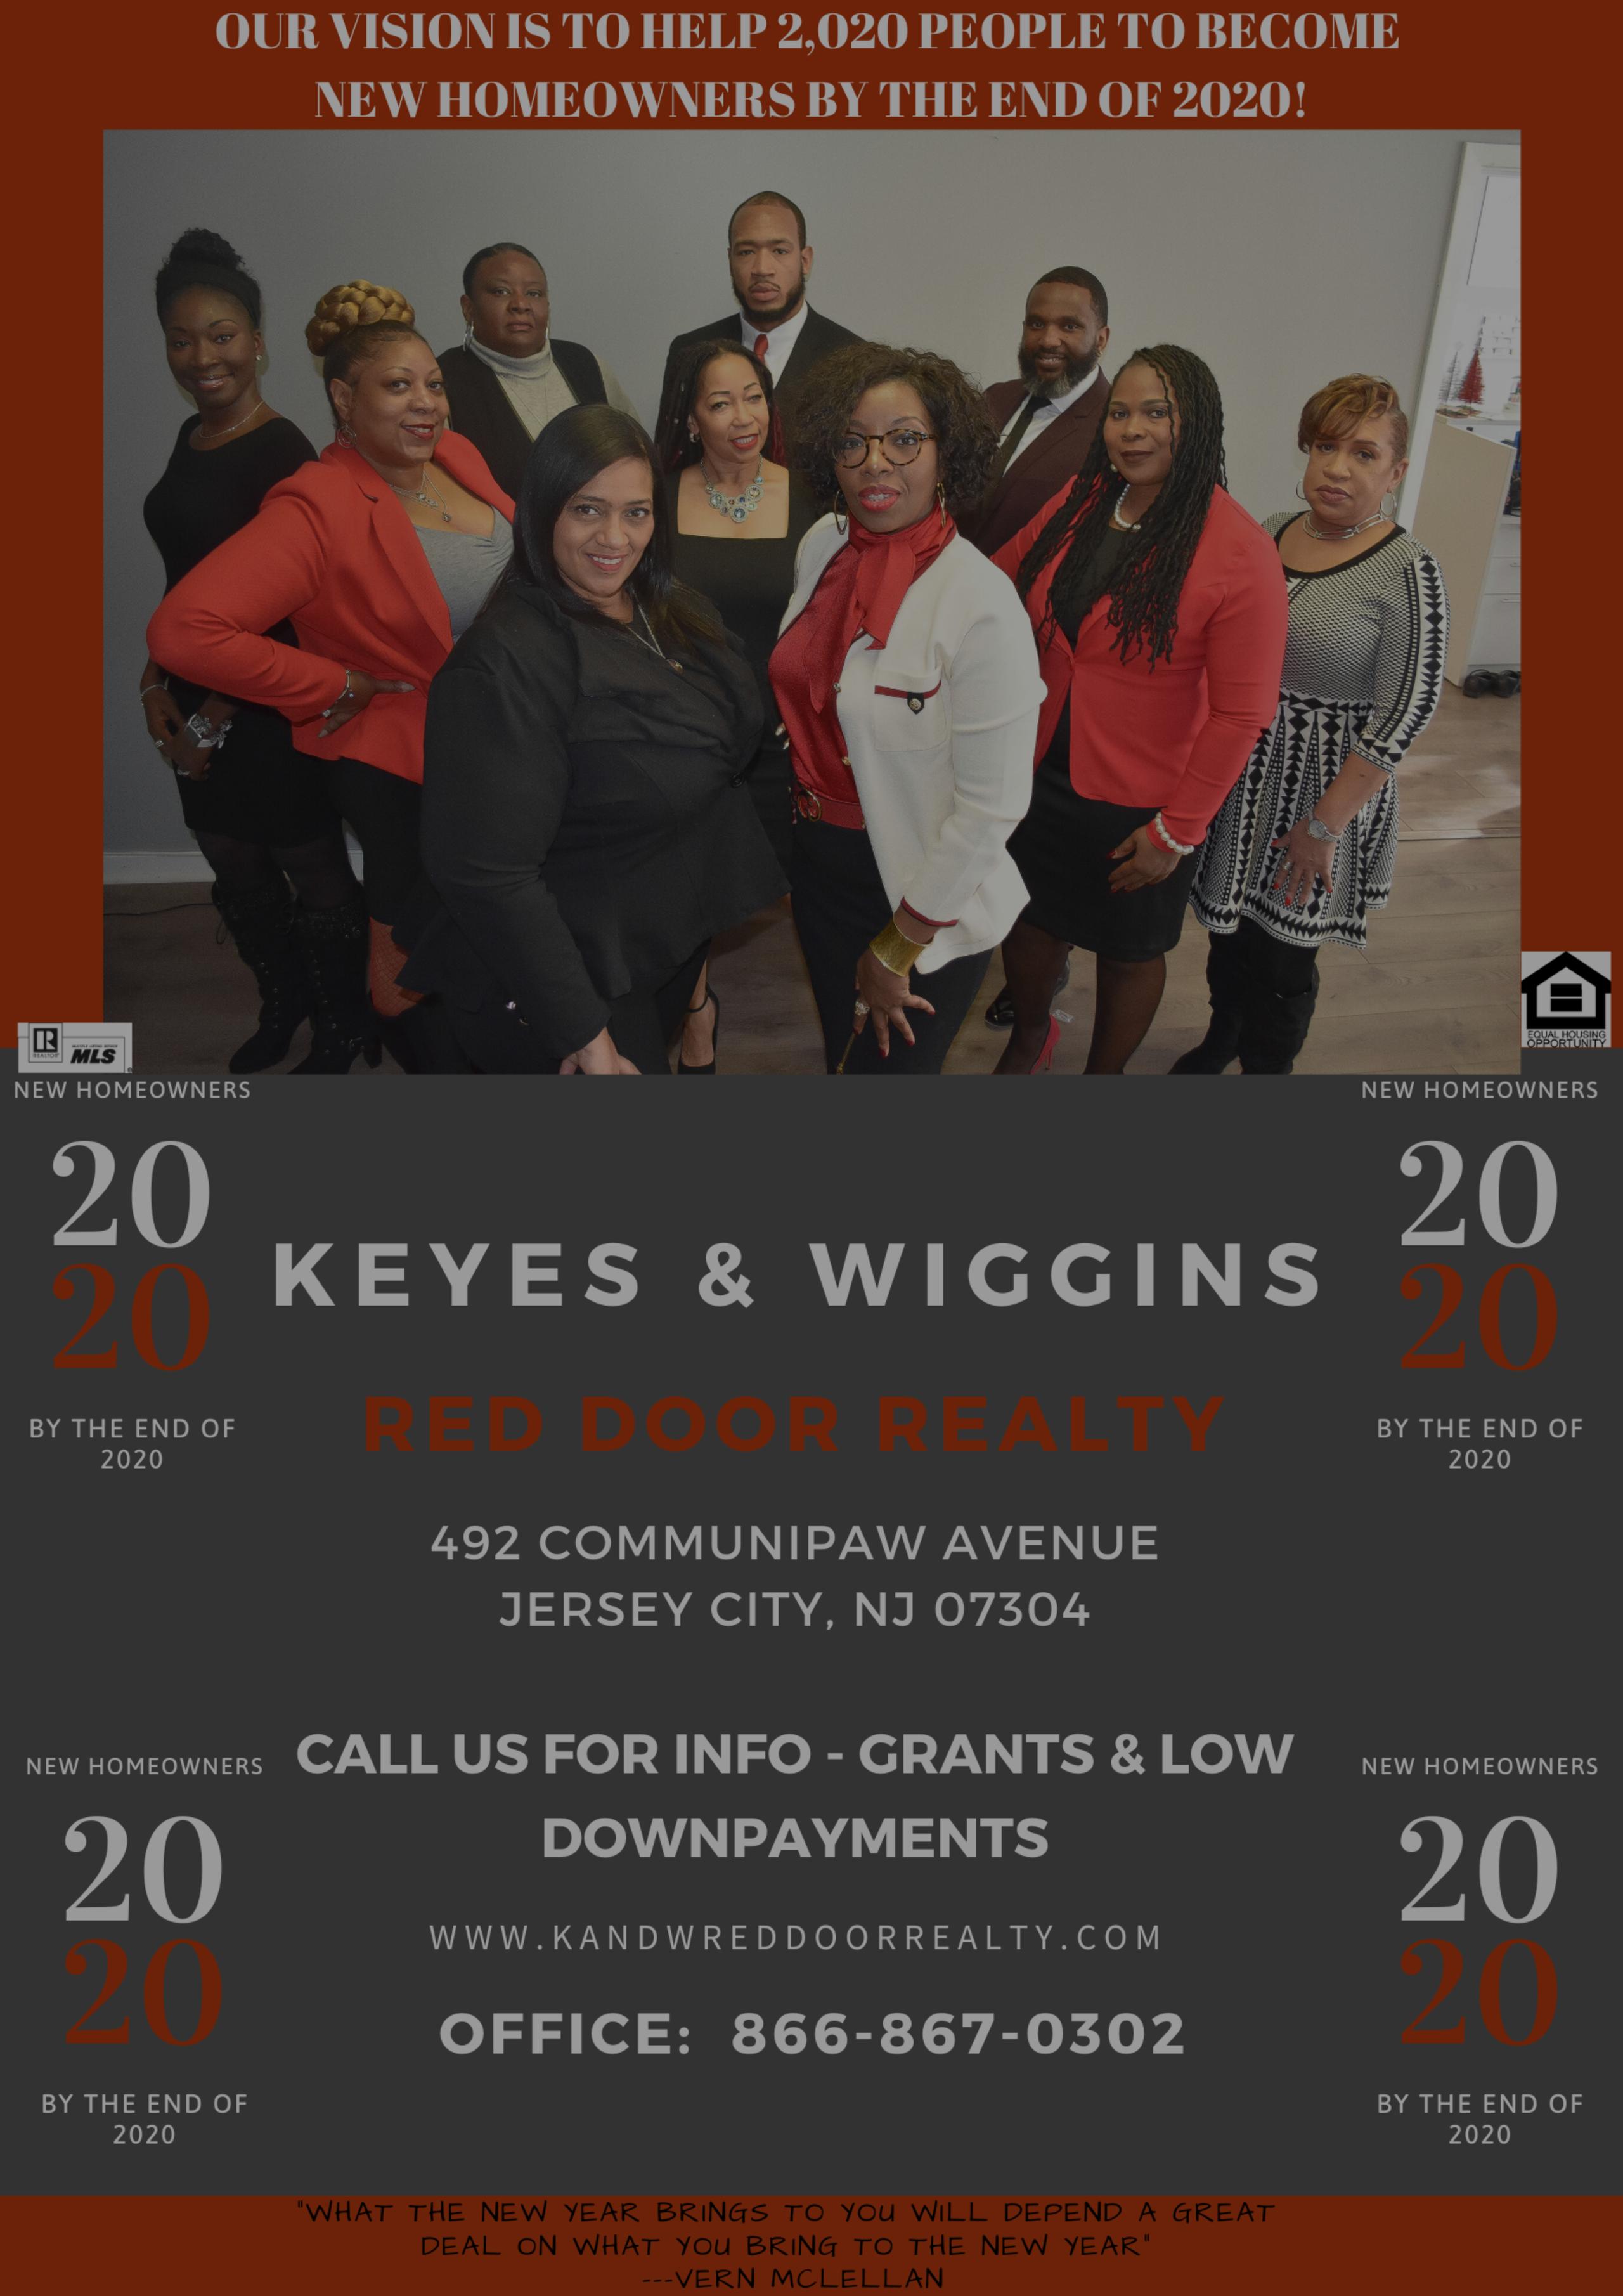 Keyes & Wiggins 2020 Vision!